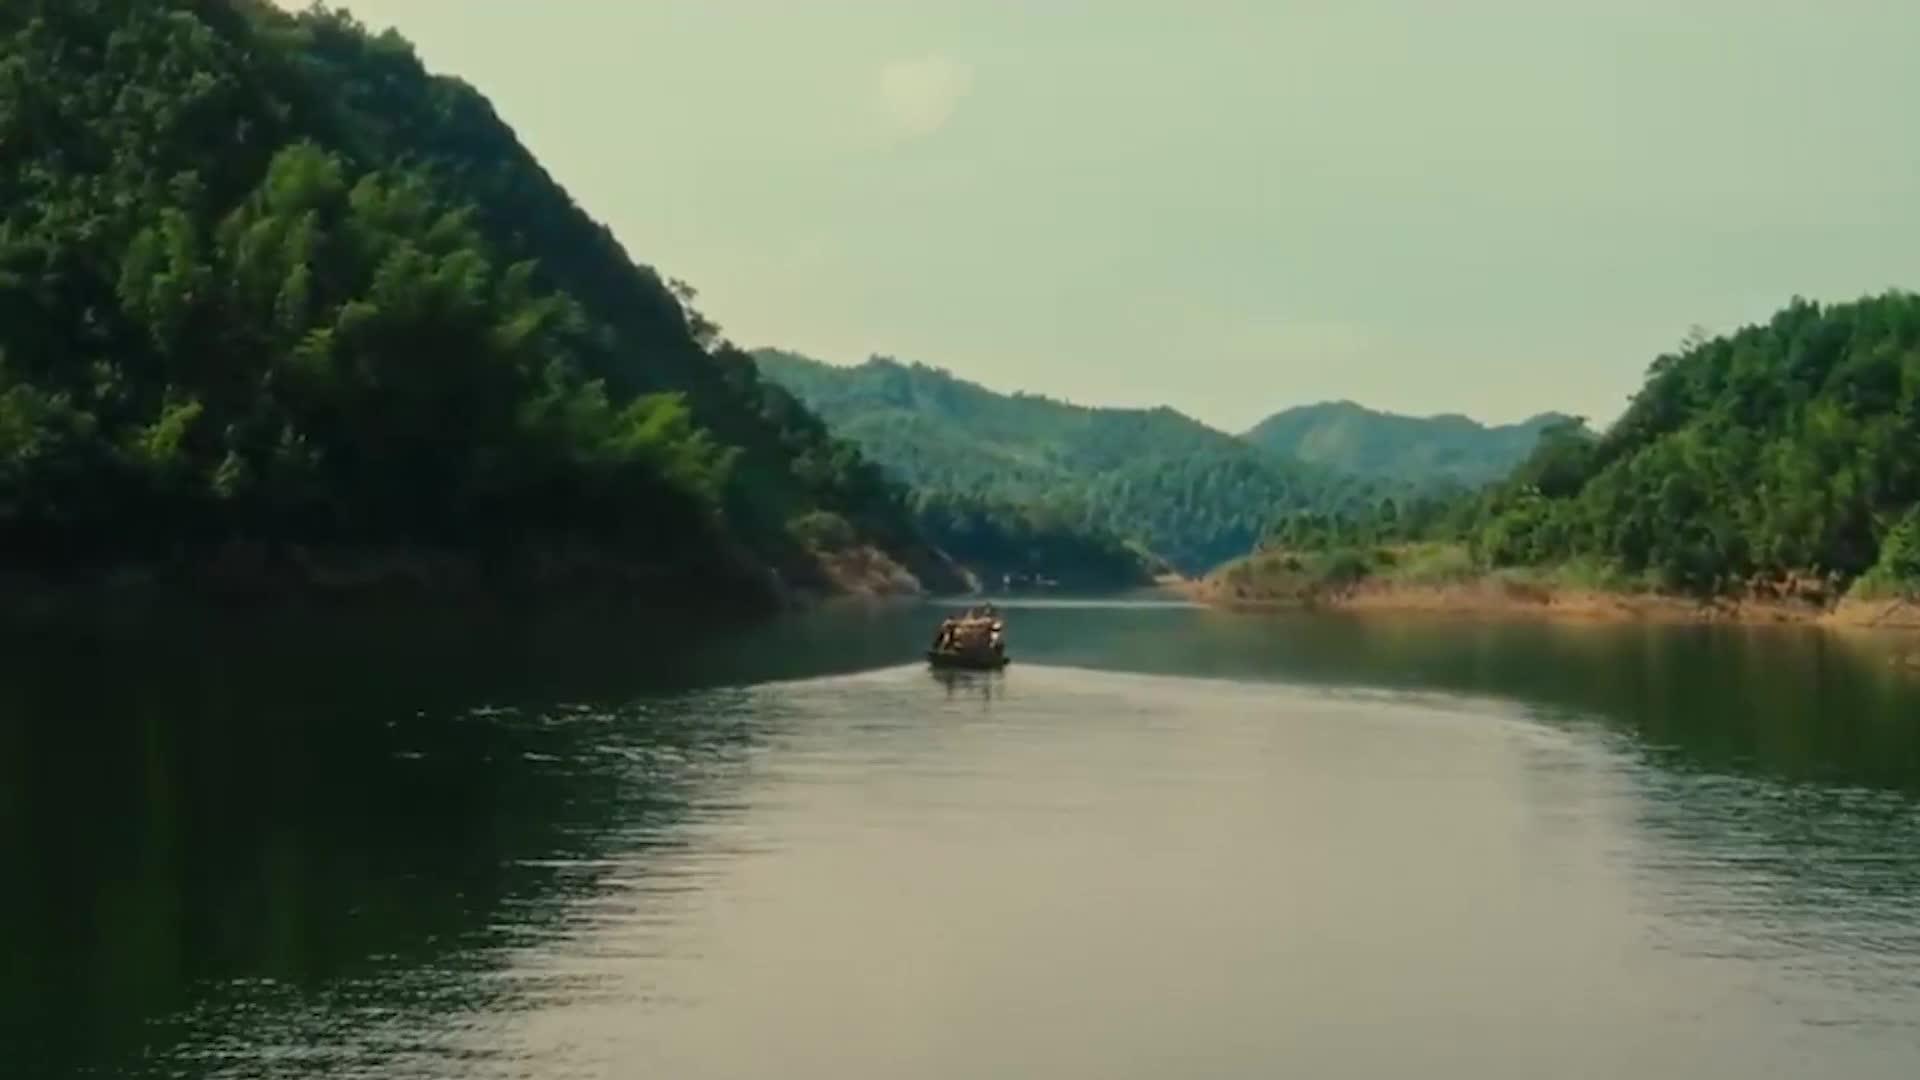 两个和尚步行,河的对面要面临事情,师傅善哉善哉